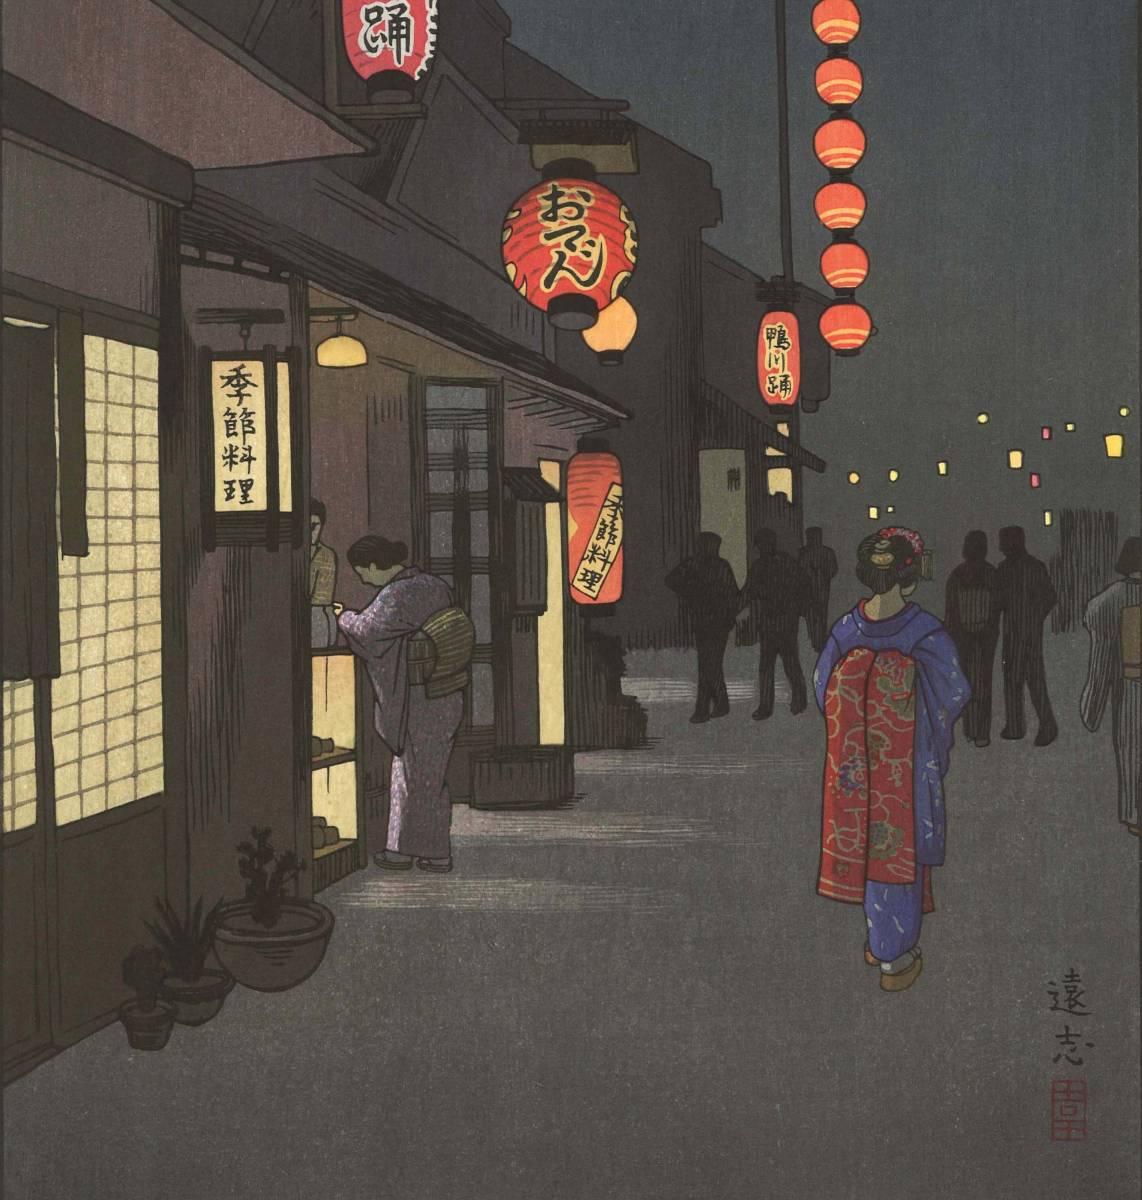 吉田遠志 木版画 018501 瓢六 (Hyoroku) 初摺1951年  最高峰の摺師の技をご堪能下さい!!_画像8